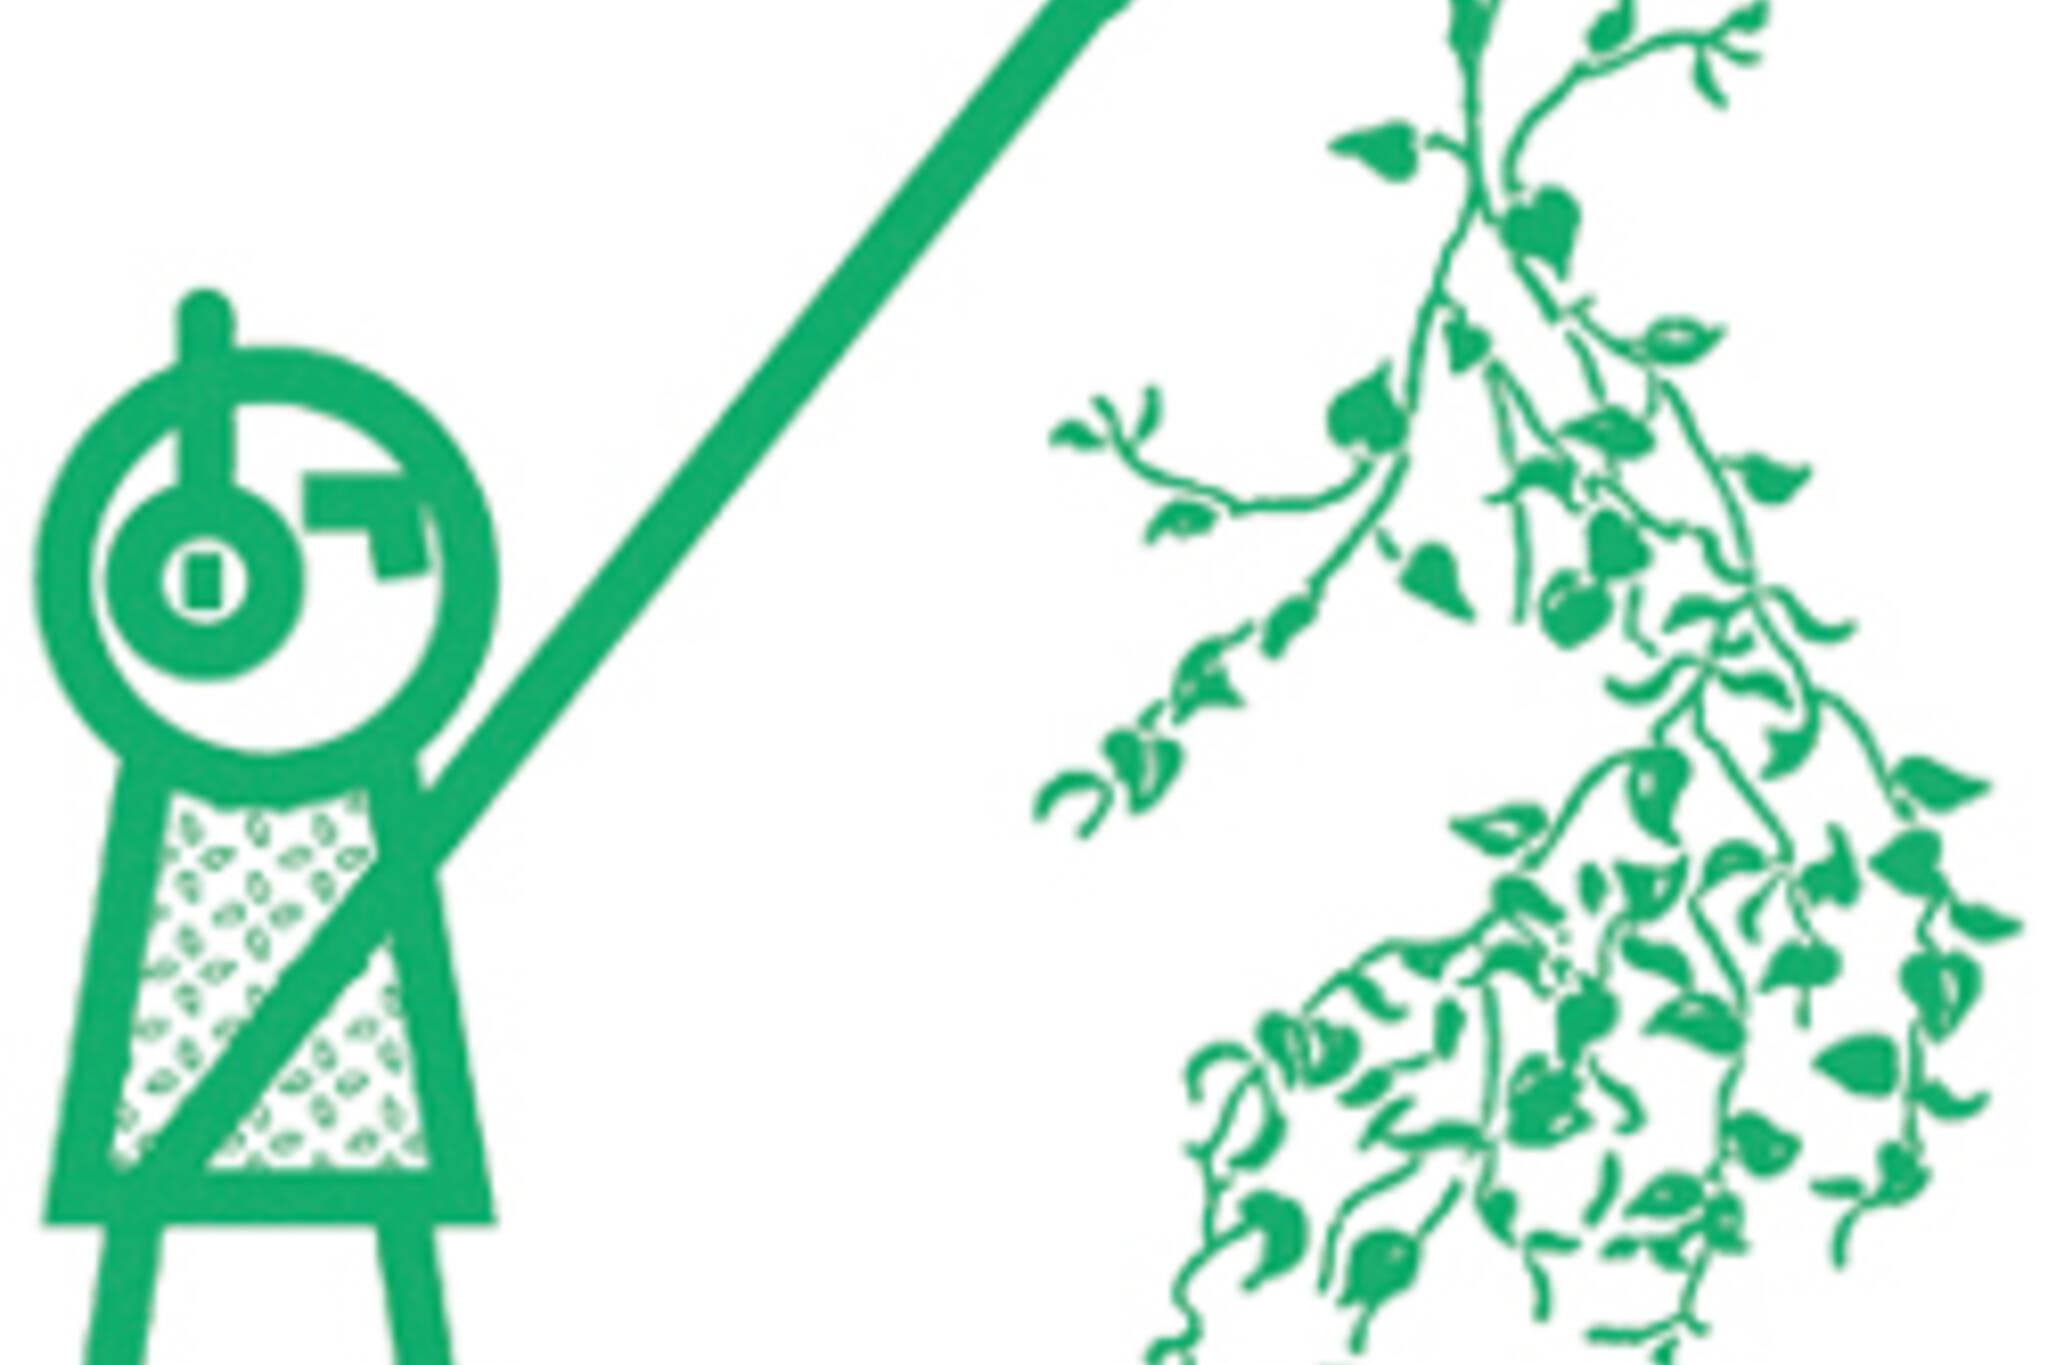 20070531_greencode.jpg